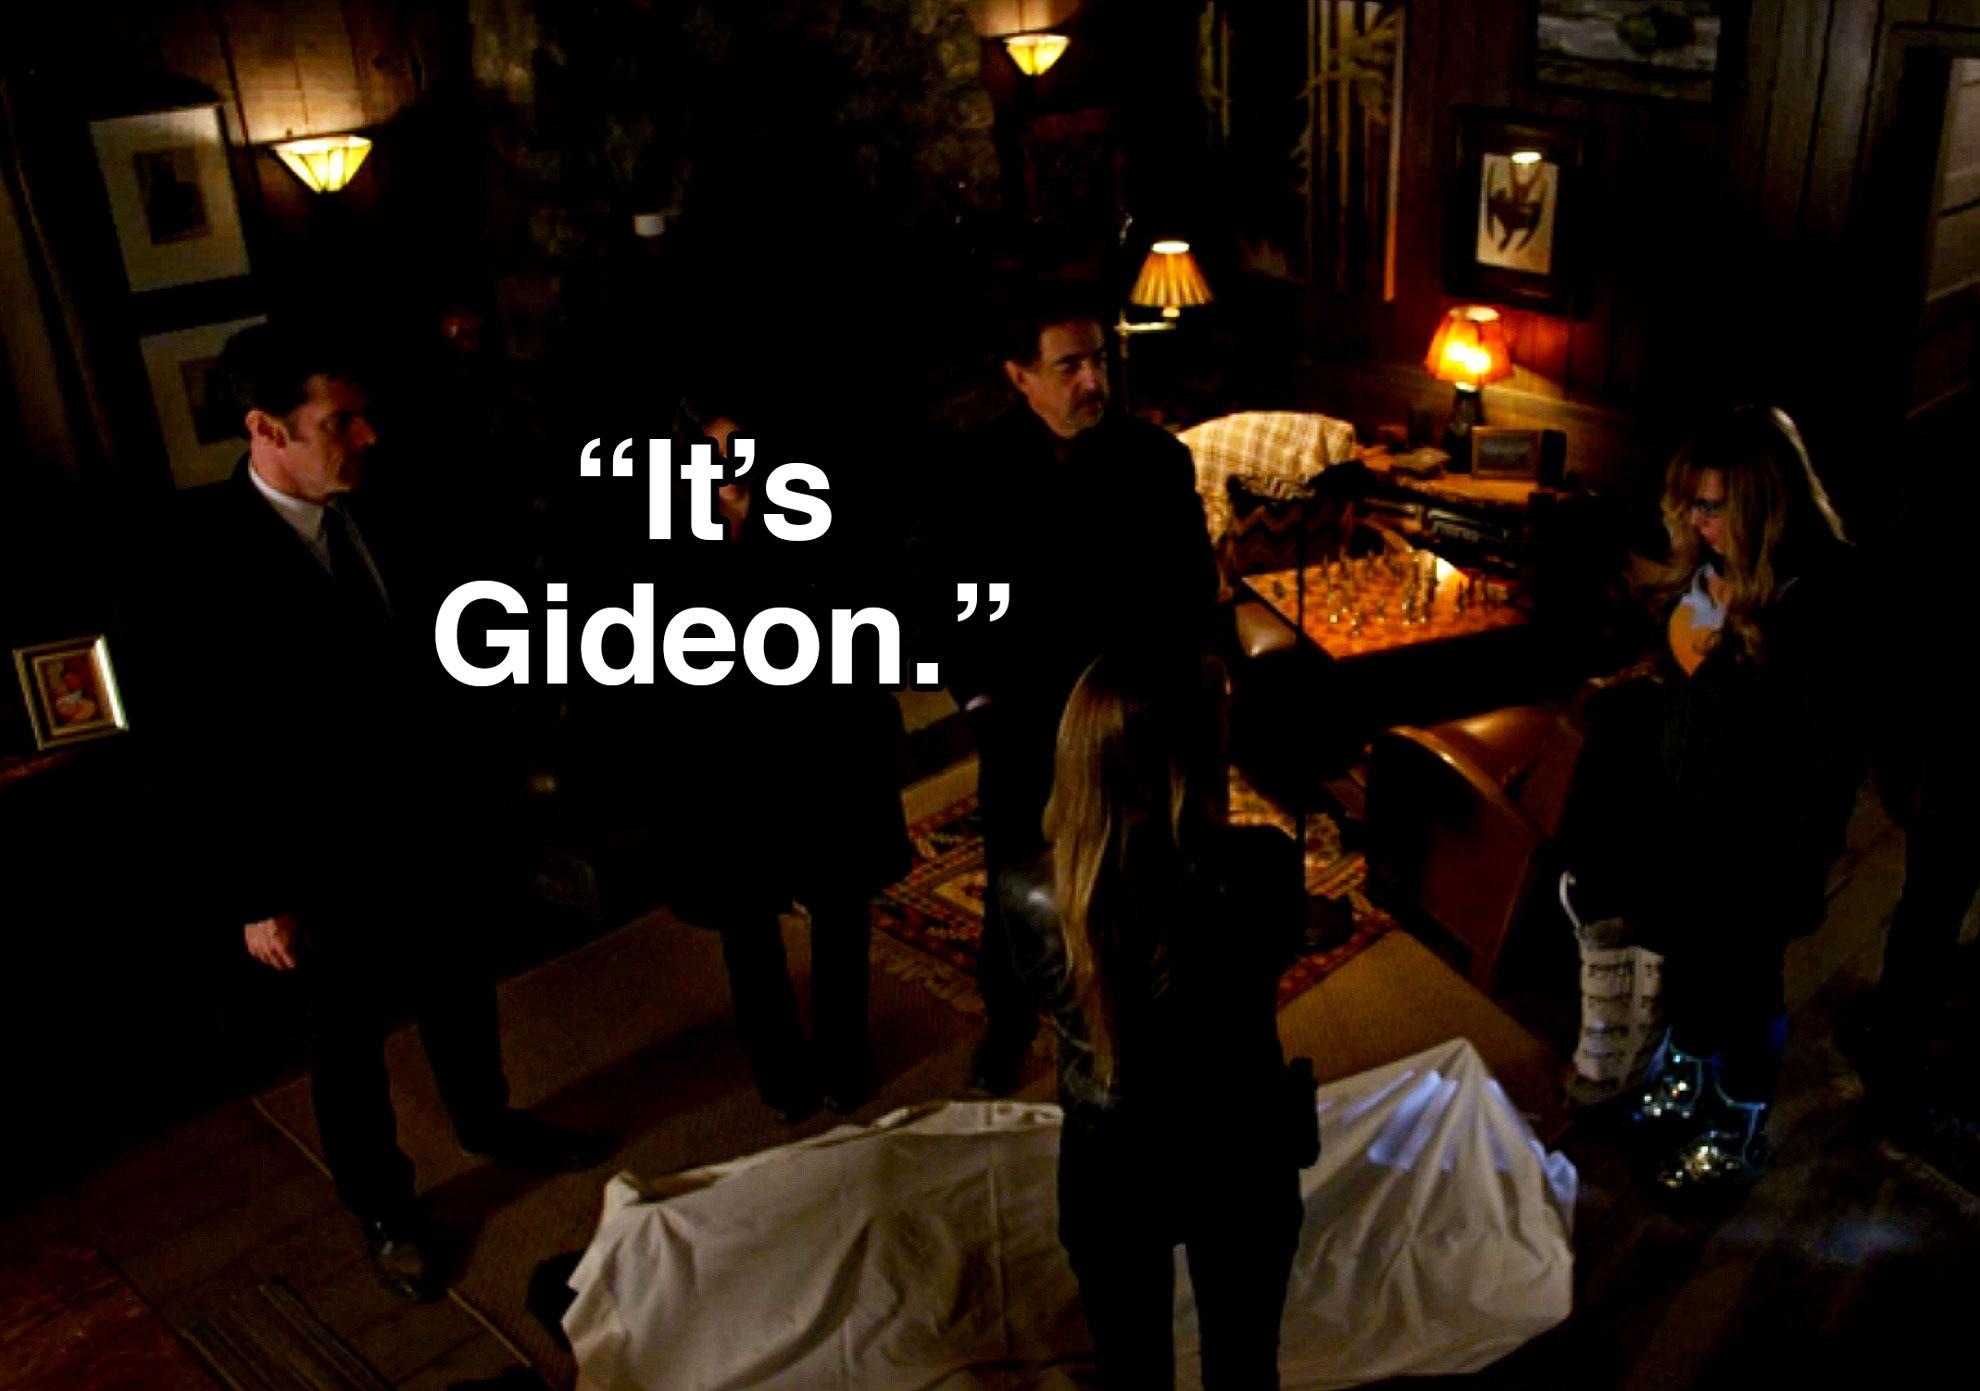 SSA Jason Gideon was murdered.